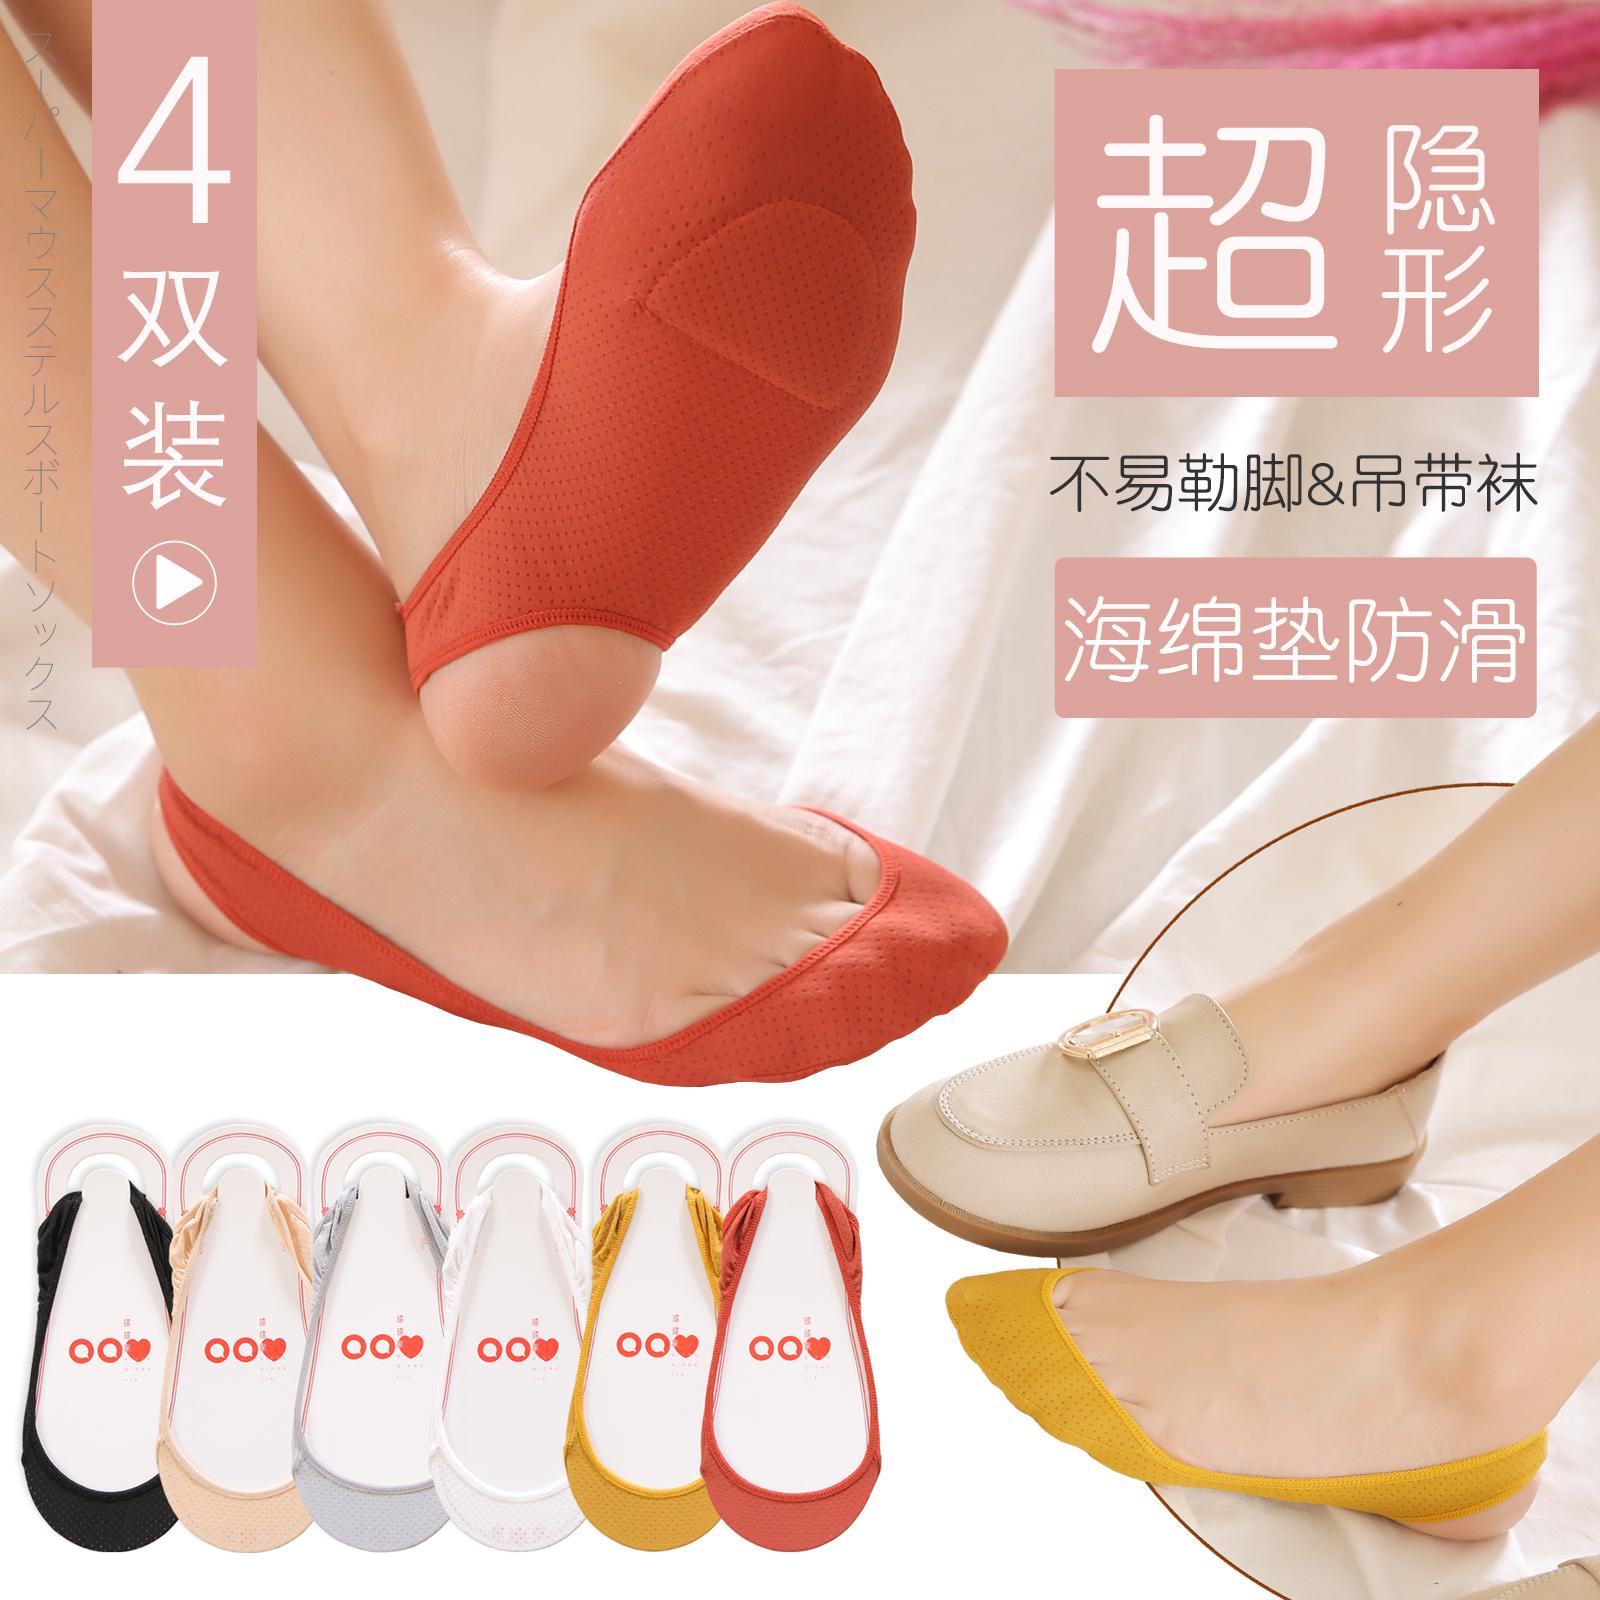 4双装 船袜女夏冰丝网眼透气隐形袜超薄孕妇袜浅口吊带短袜子包邮